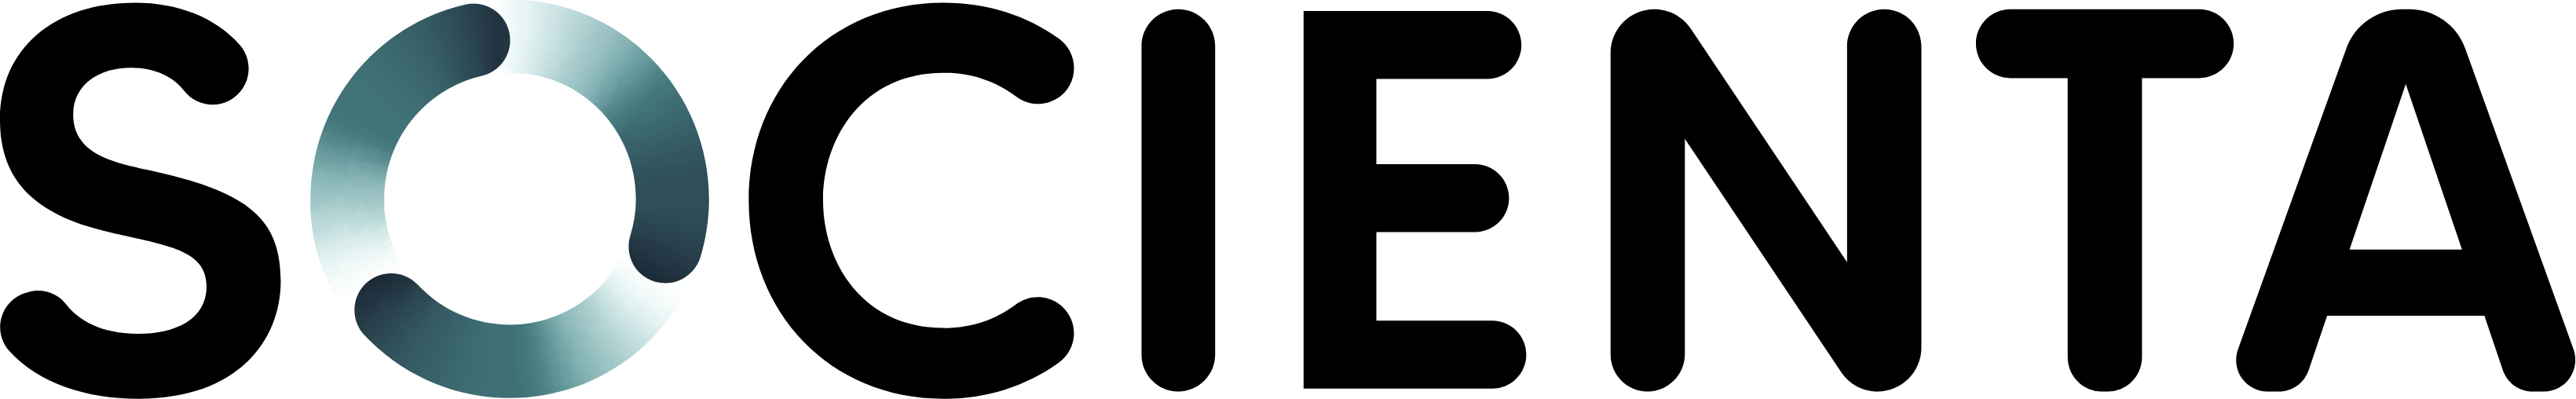 Socienta